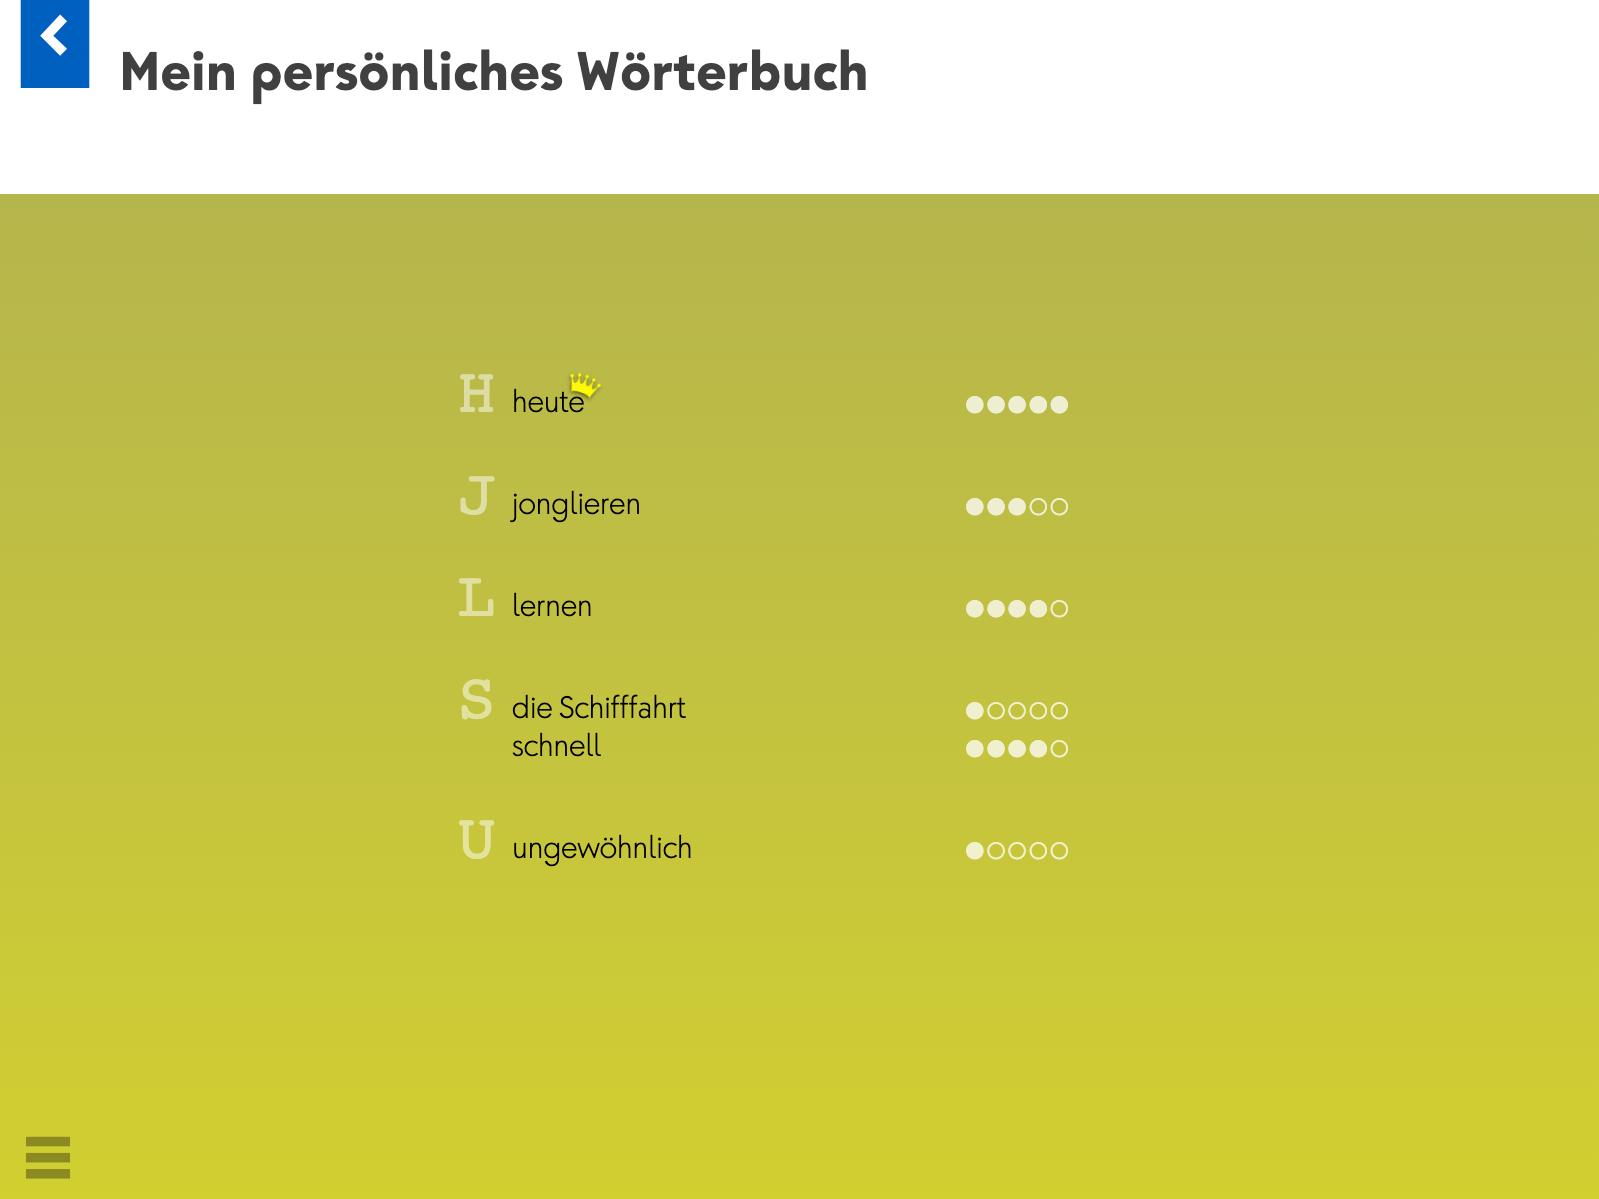 Wortkartei: Deutsch – Persönliches Wörterbuch